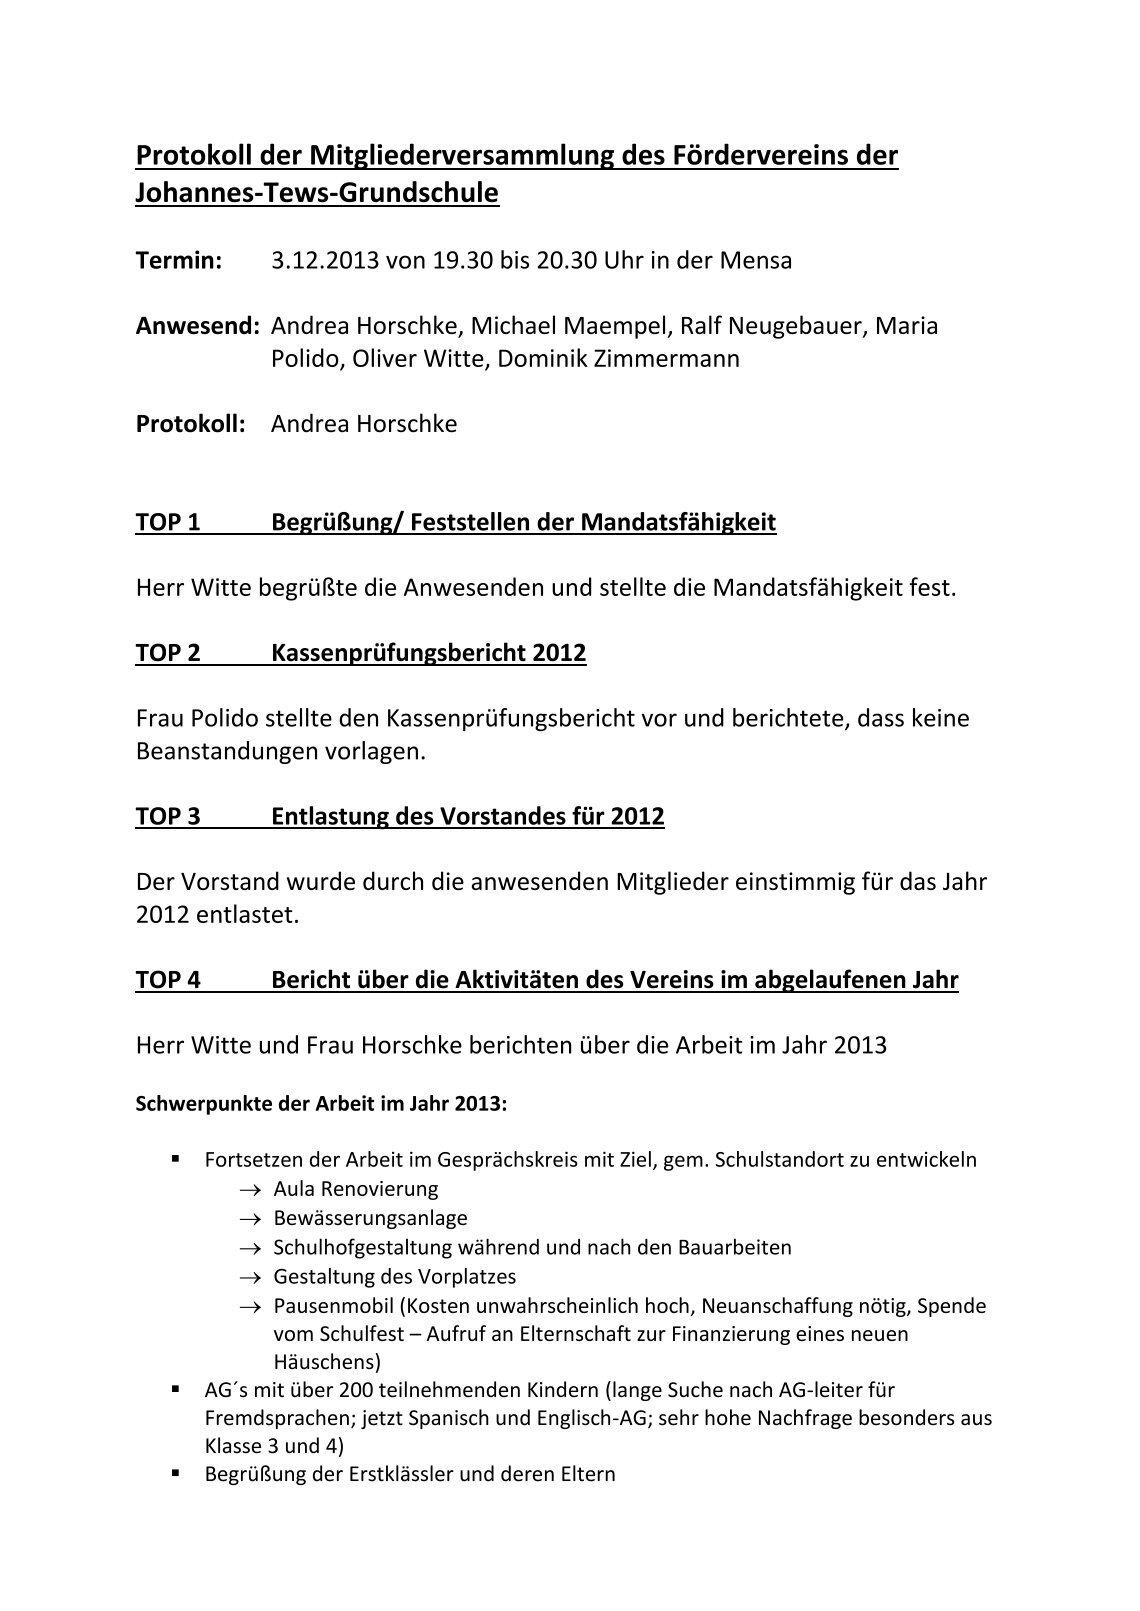 Charmant Fortsetzen Vorlagen Beispiele Ziel Galerie - Entry Level ...